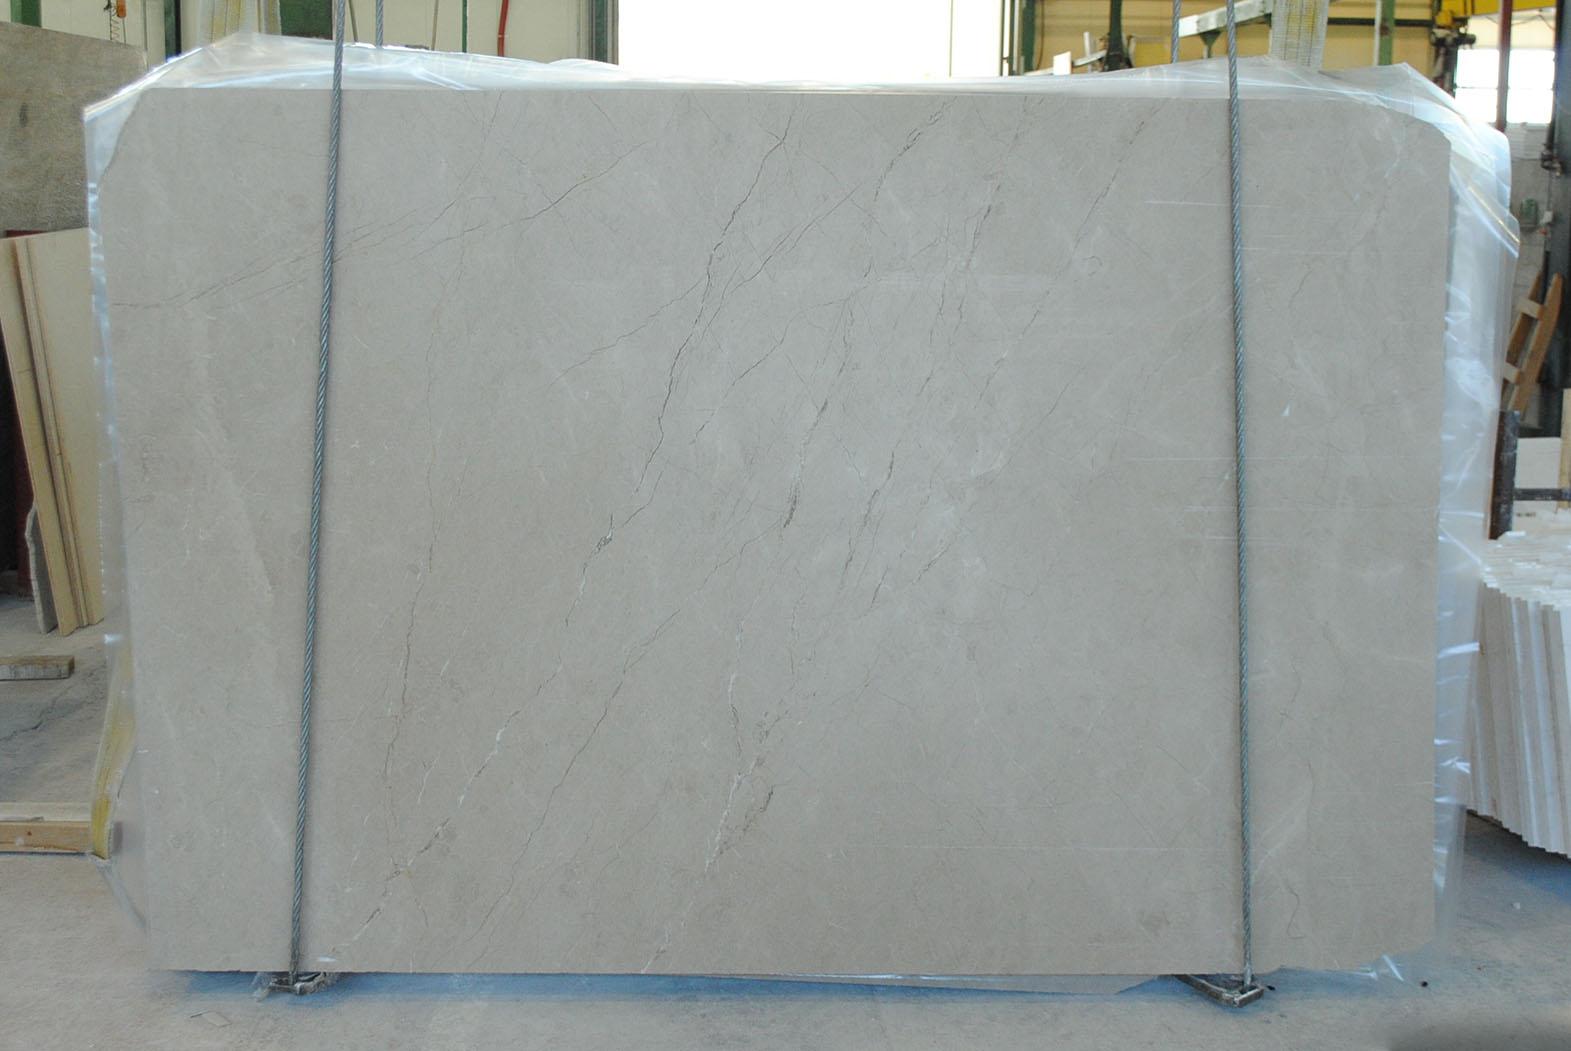 Burberry Beige greek marble slab